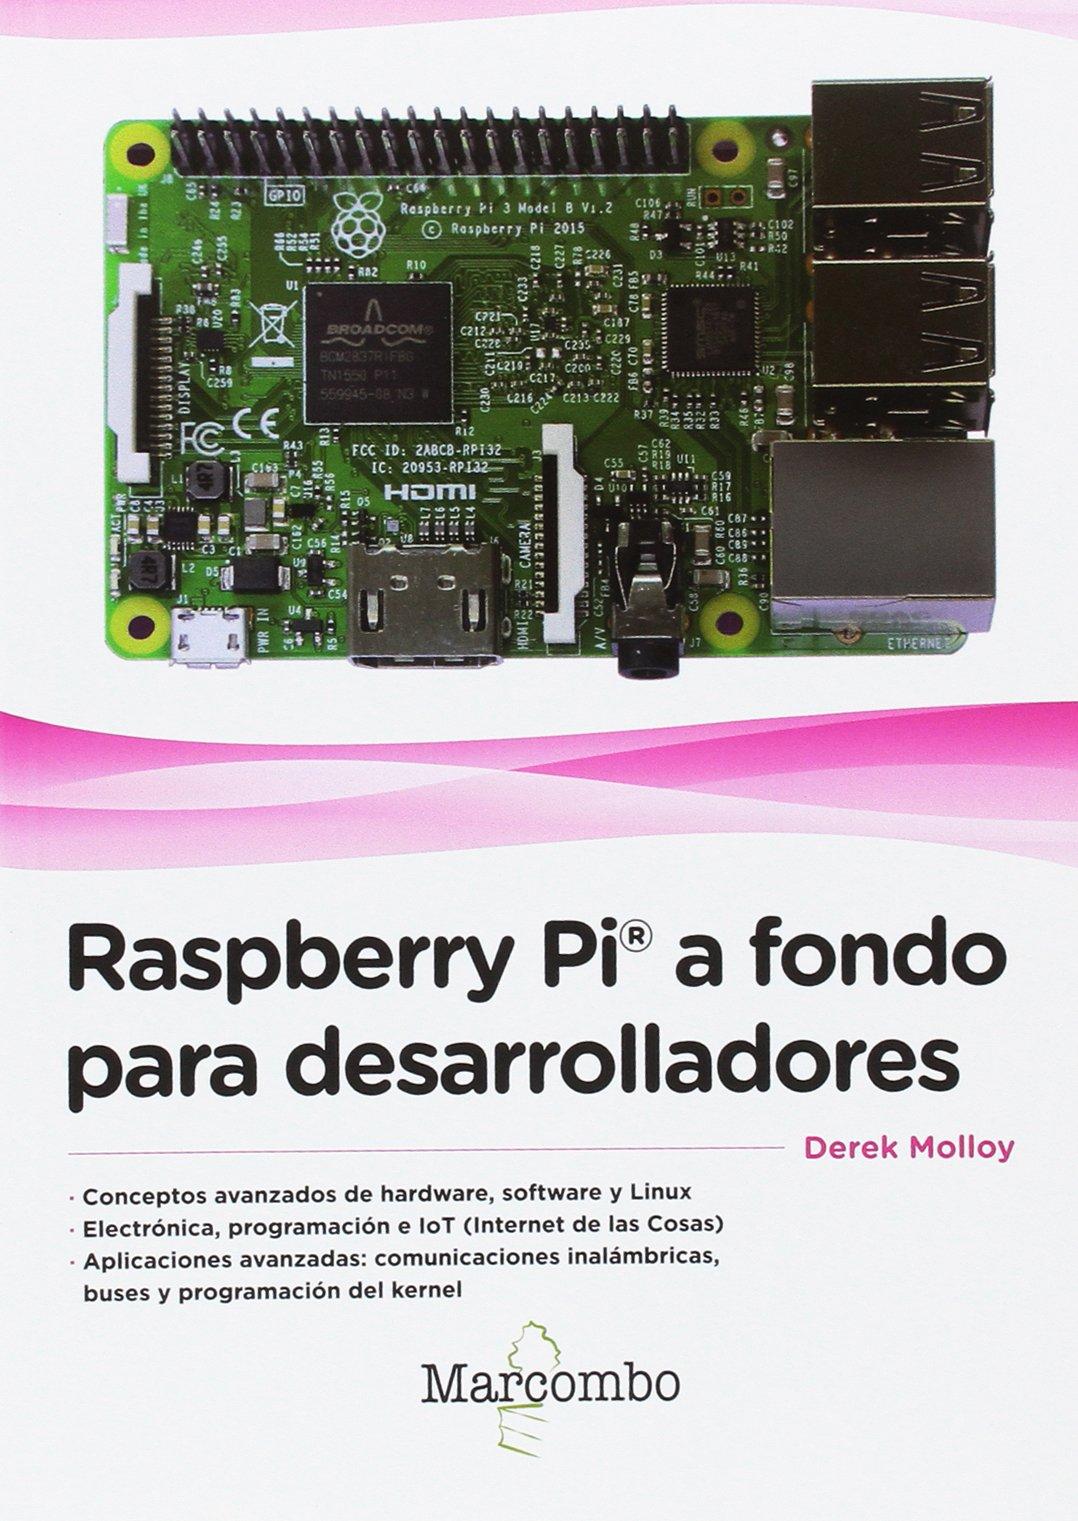 Raspberry Pi A Fondo Para Desarrolladores Derek Molloy Wiringpi For Beaglebone Inc John Wiley Sons Libros